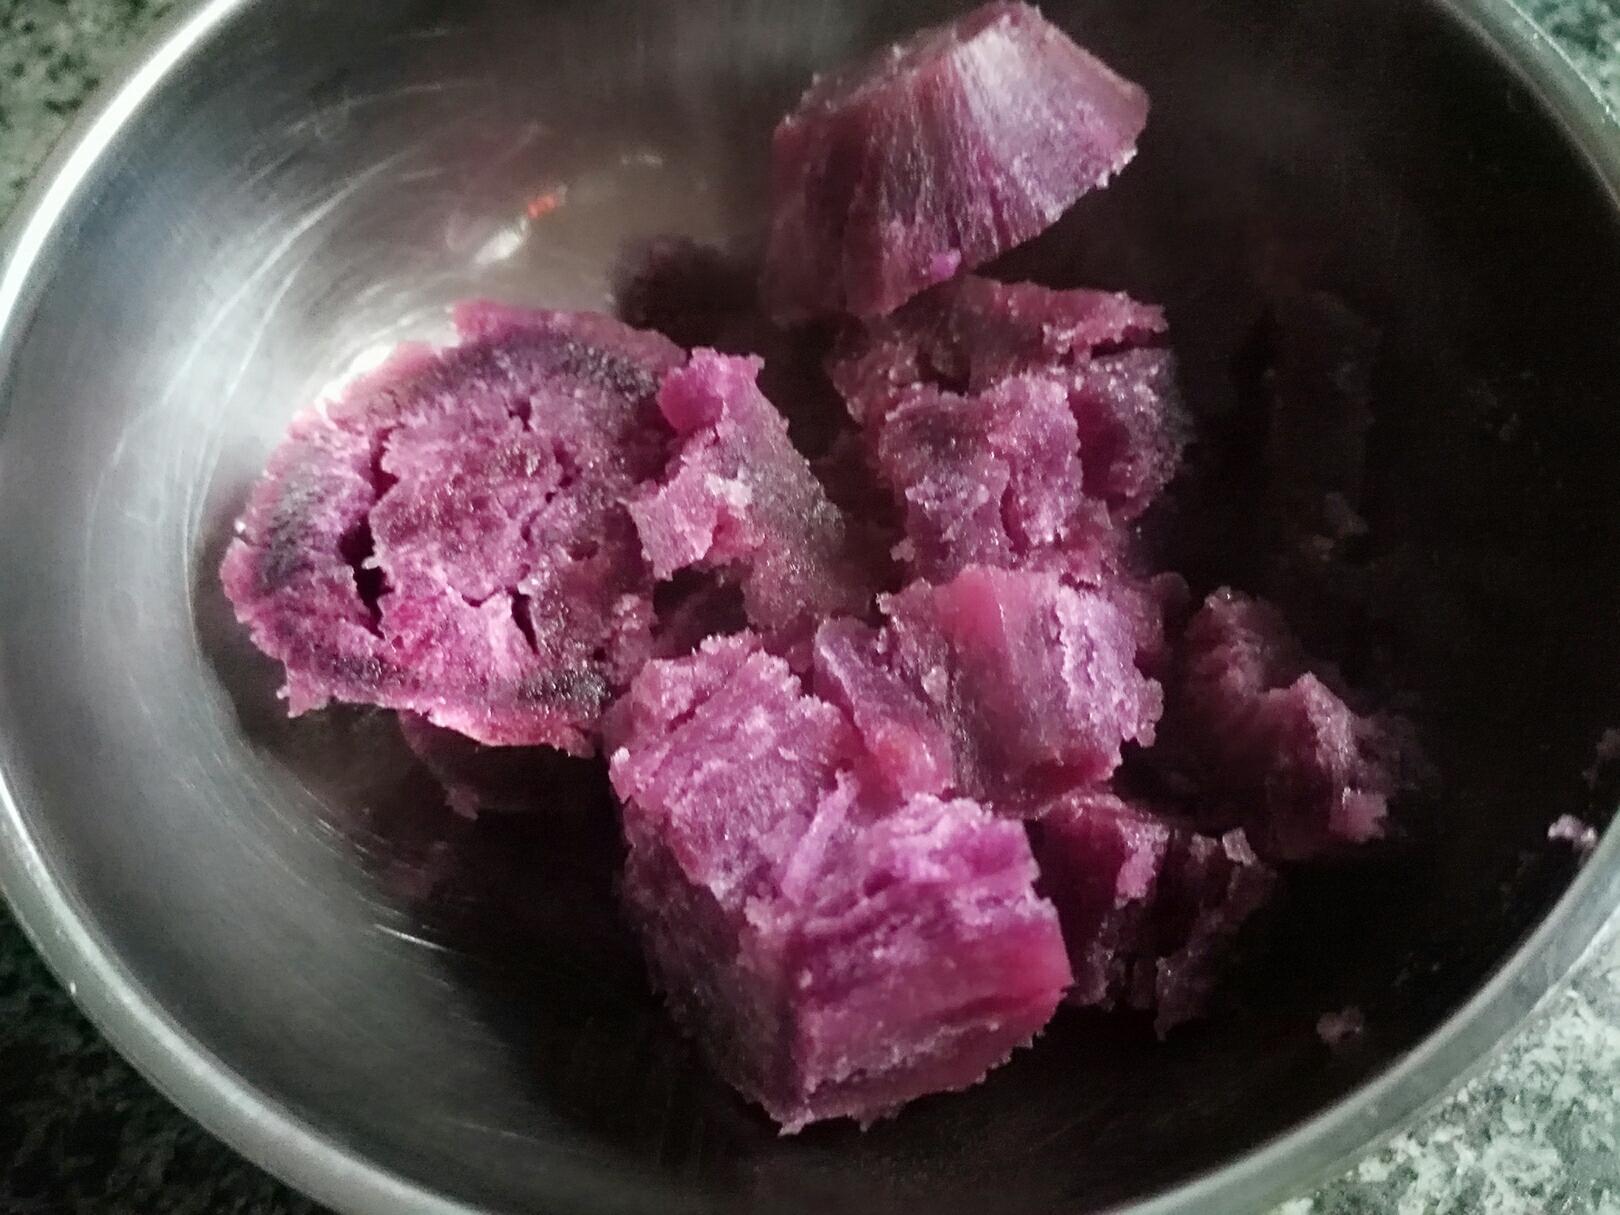 平底锅紫薯夹心蛋糕卷</p> <p>宝宝辅食,蒸制软烂